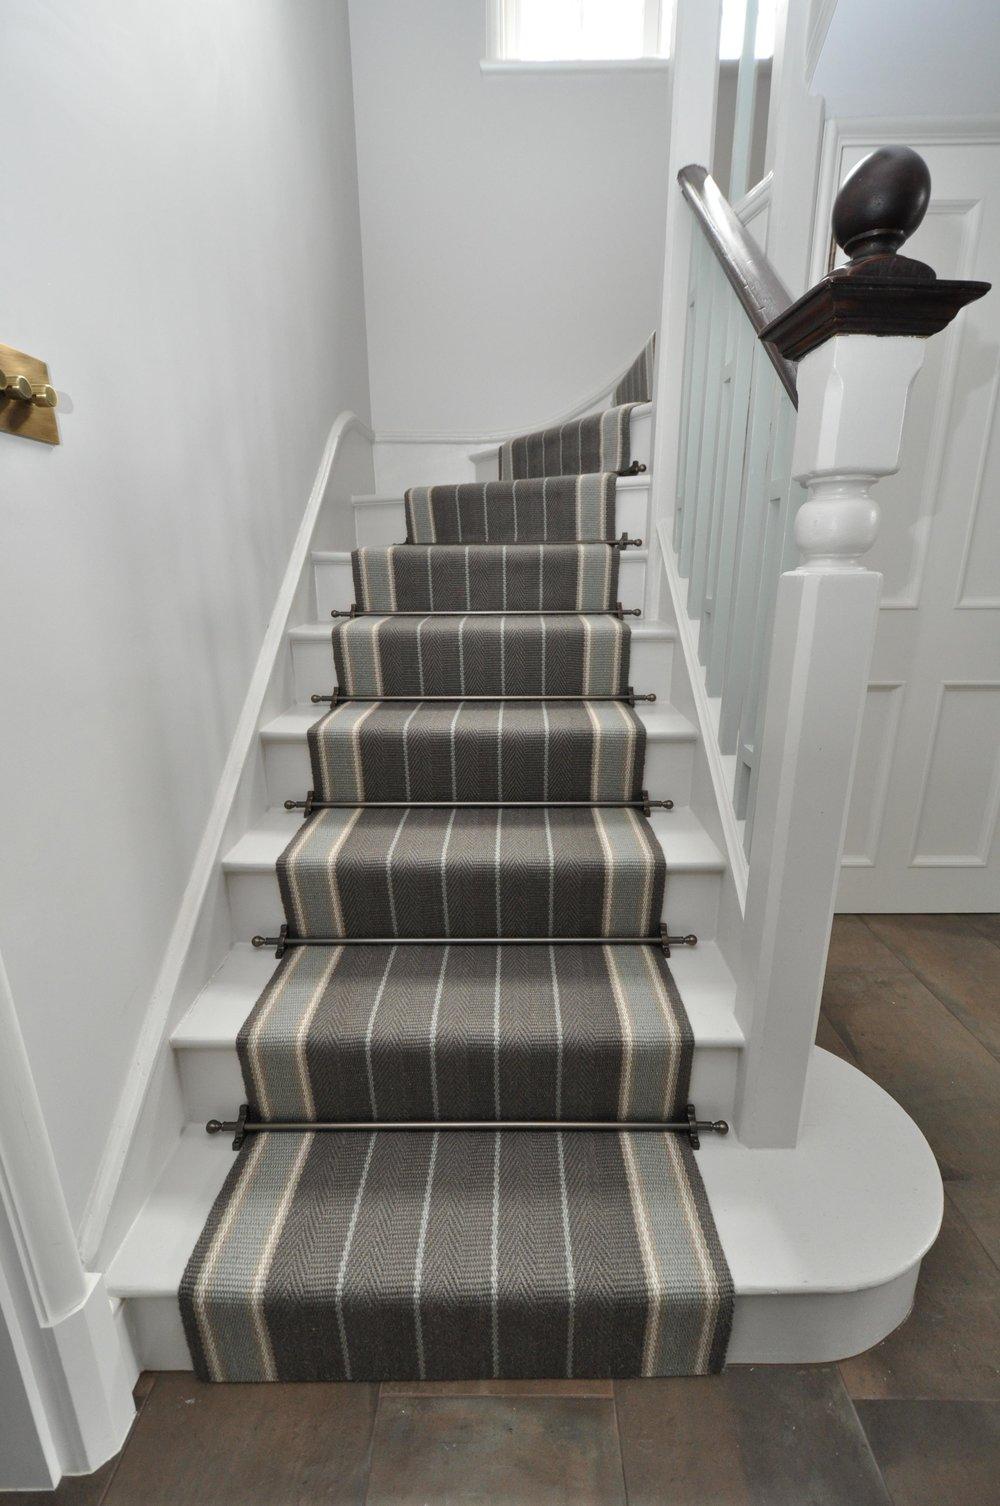 flatweave-stair-runner-london-bowloom-carpet-off-the-loom-DSC_1505.jpg